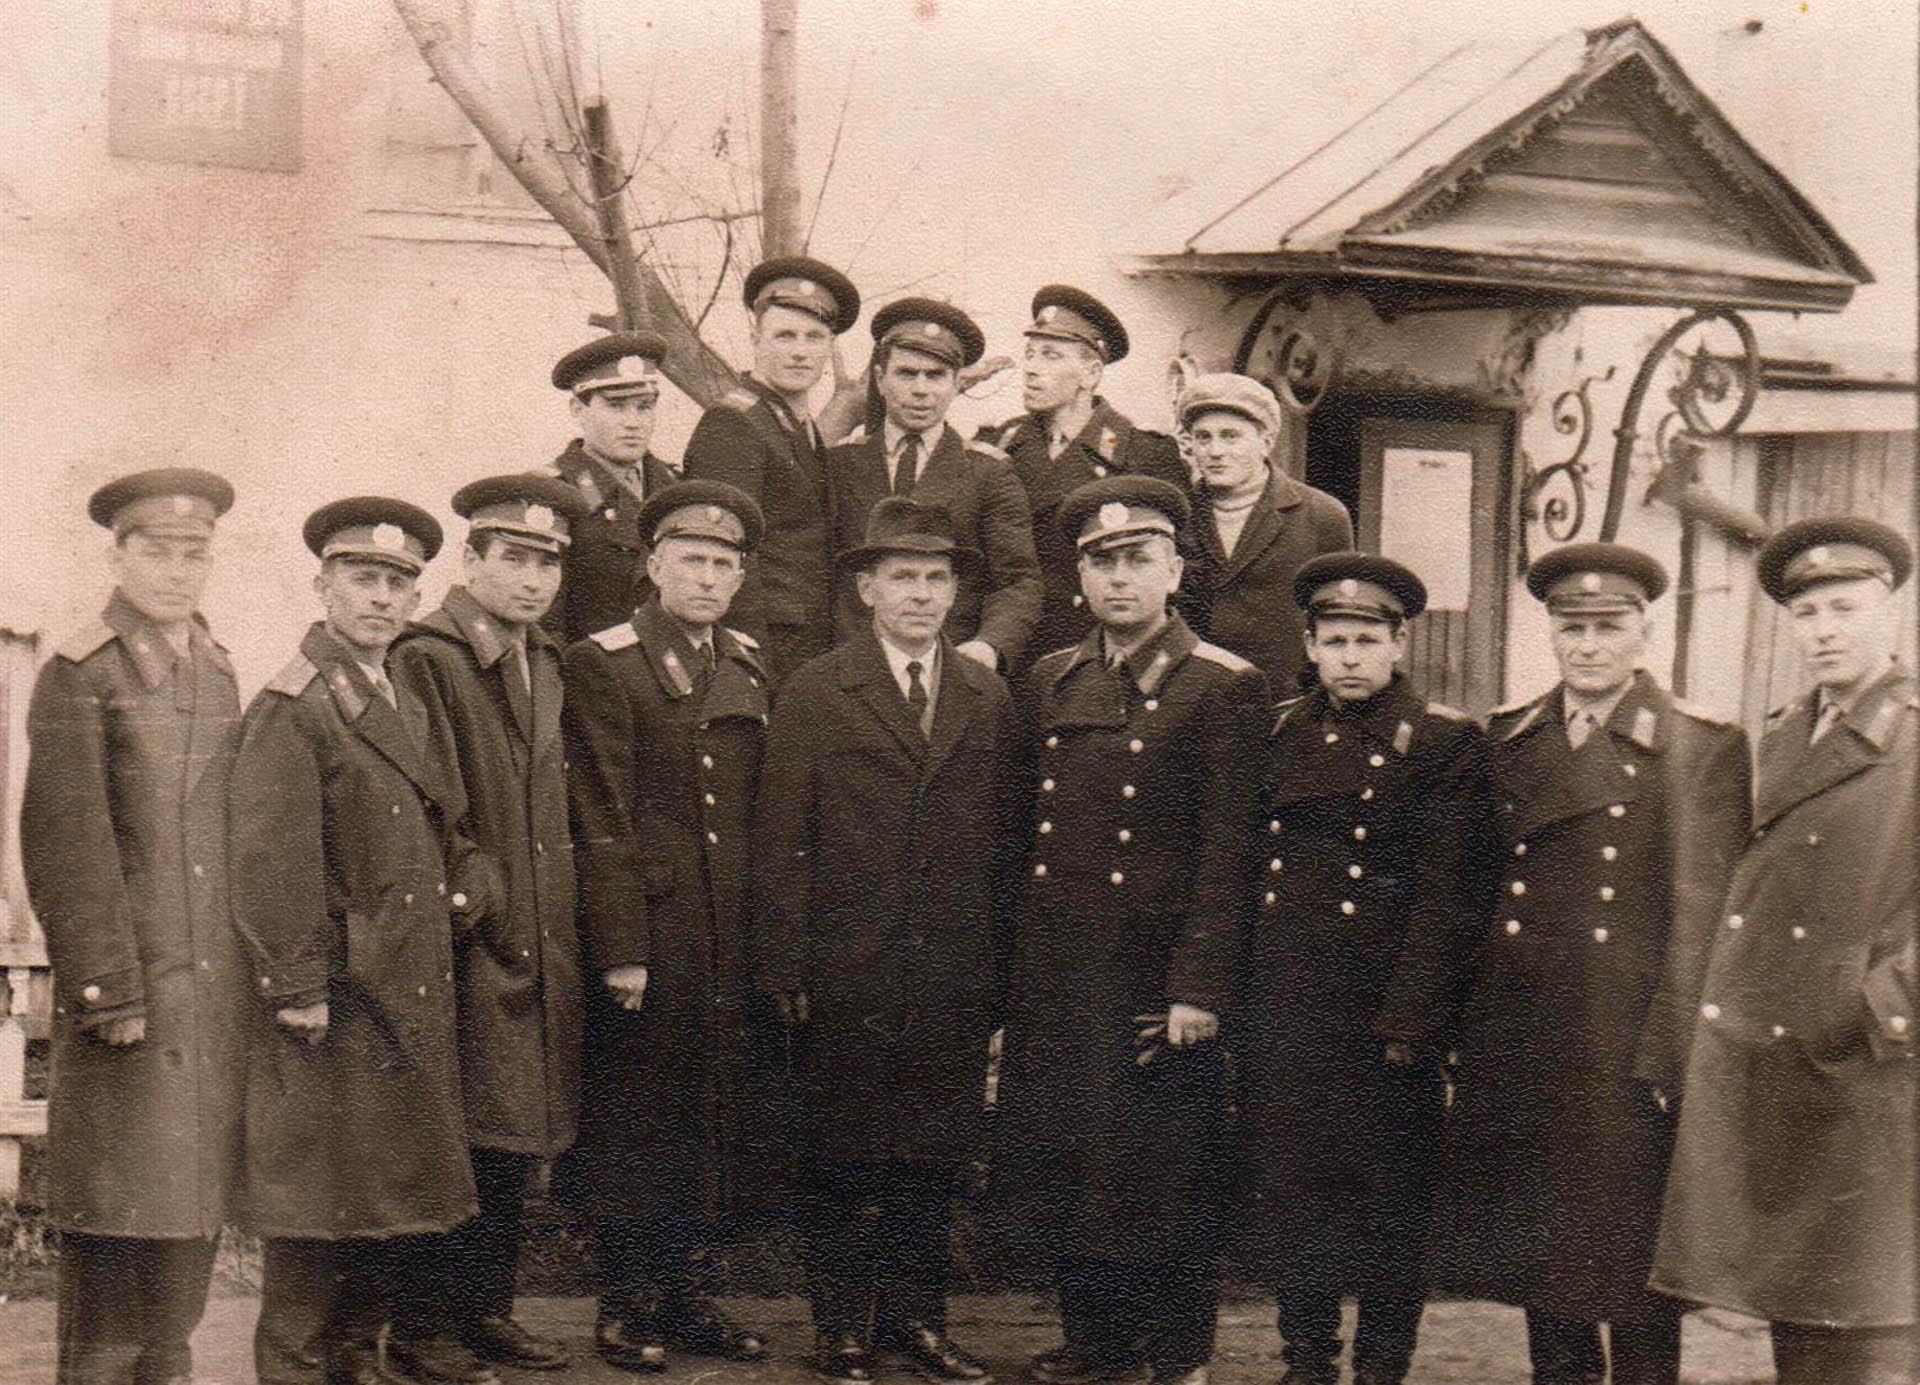 Группа сотрудников милиции. 1967 г. В центре председатель райисполкома В. М. Нестеров и начальник райотдела милиции Е. Г. Клименко